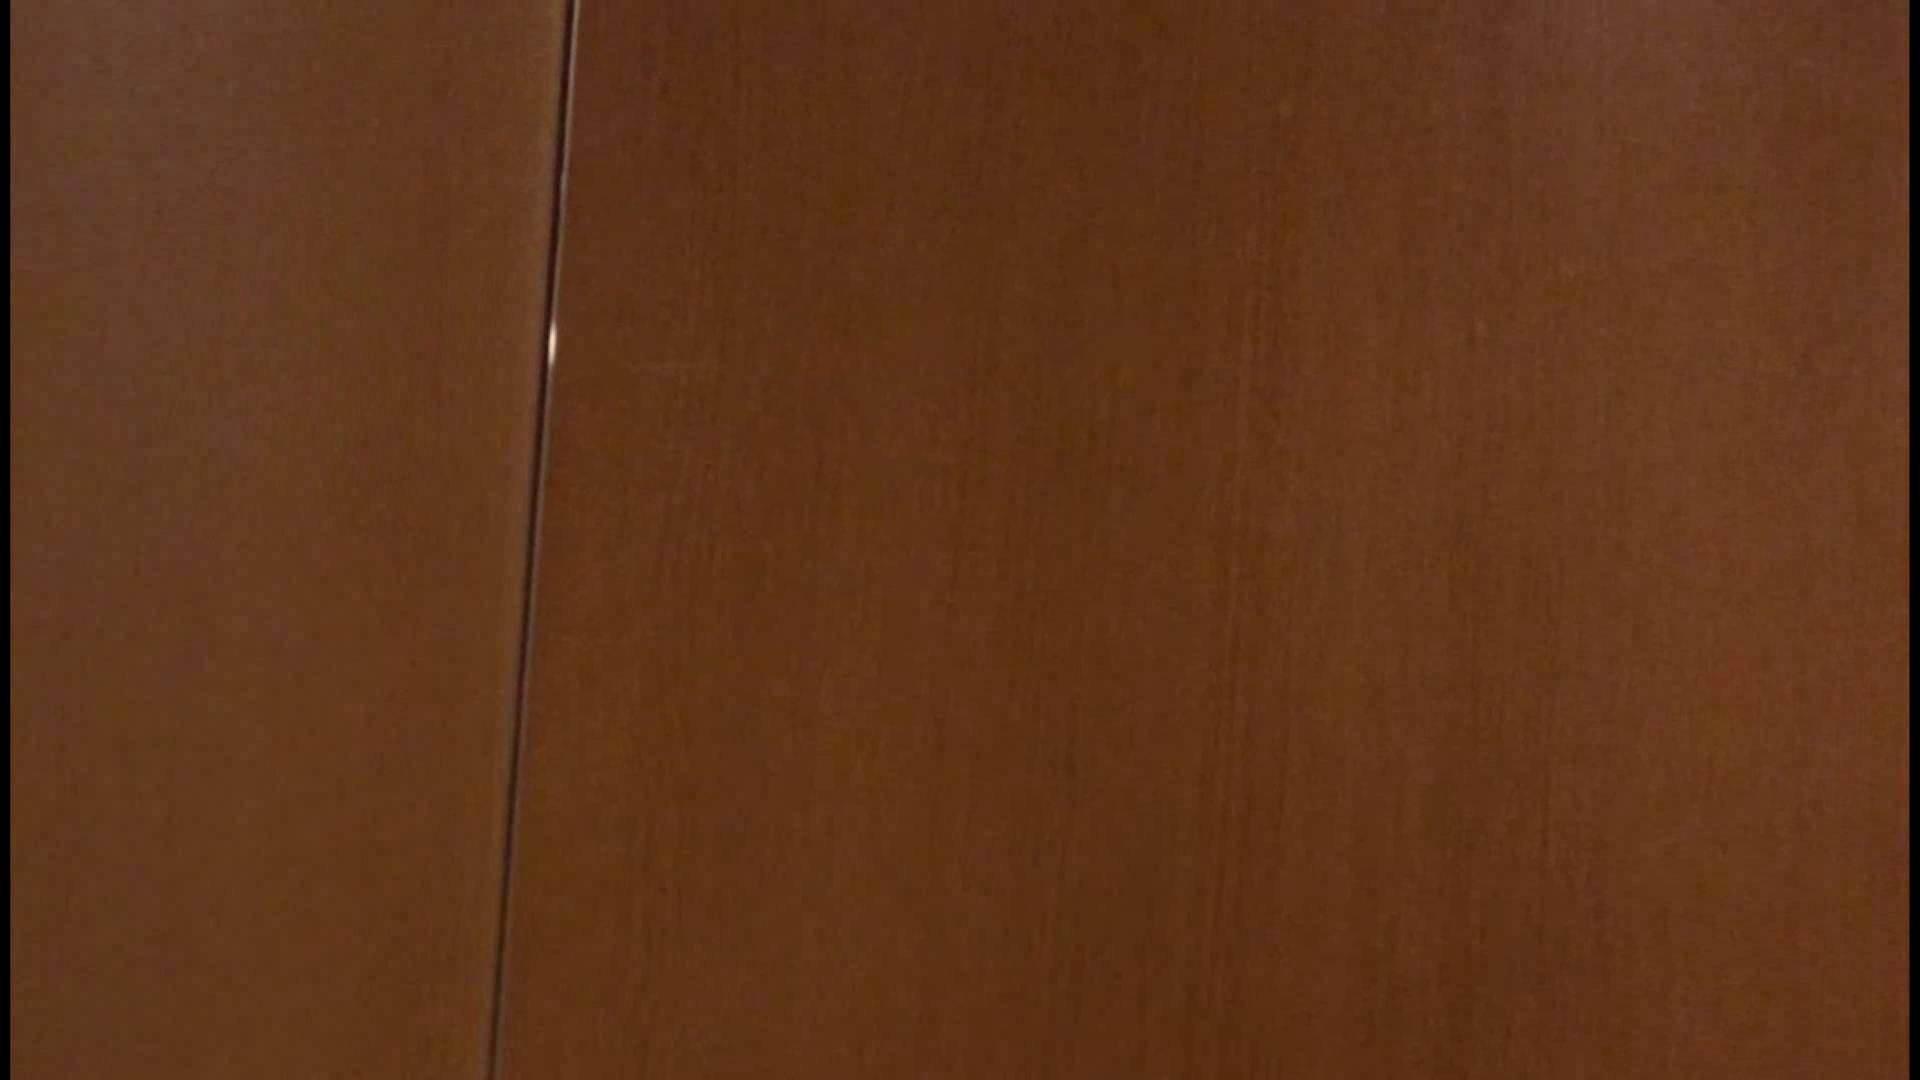 「噂」の国の厠観察日記2 Vol.08 いやらしいOL すけべAV動画紹介 80連発 62